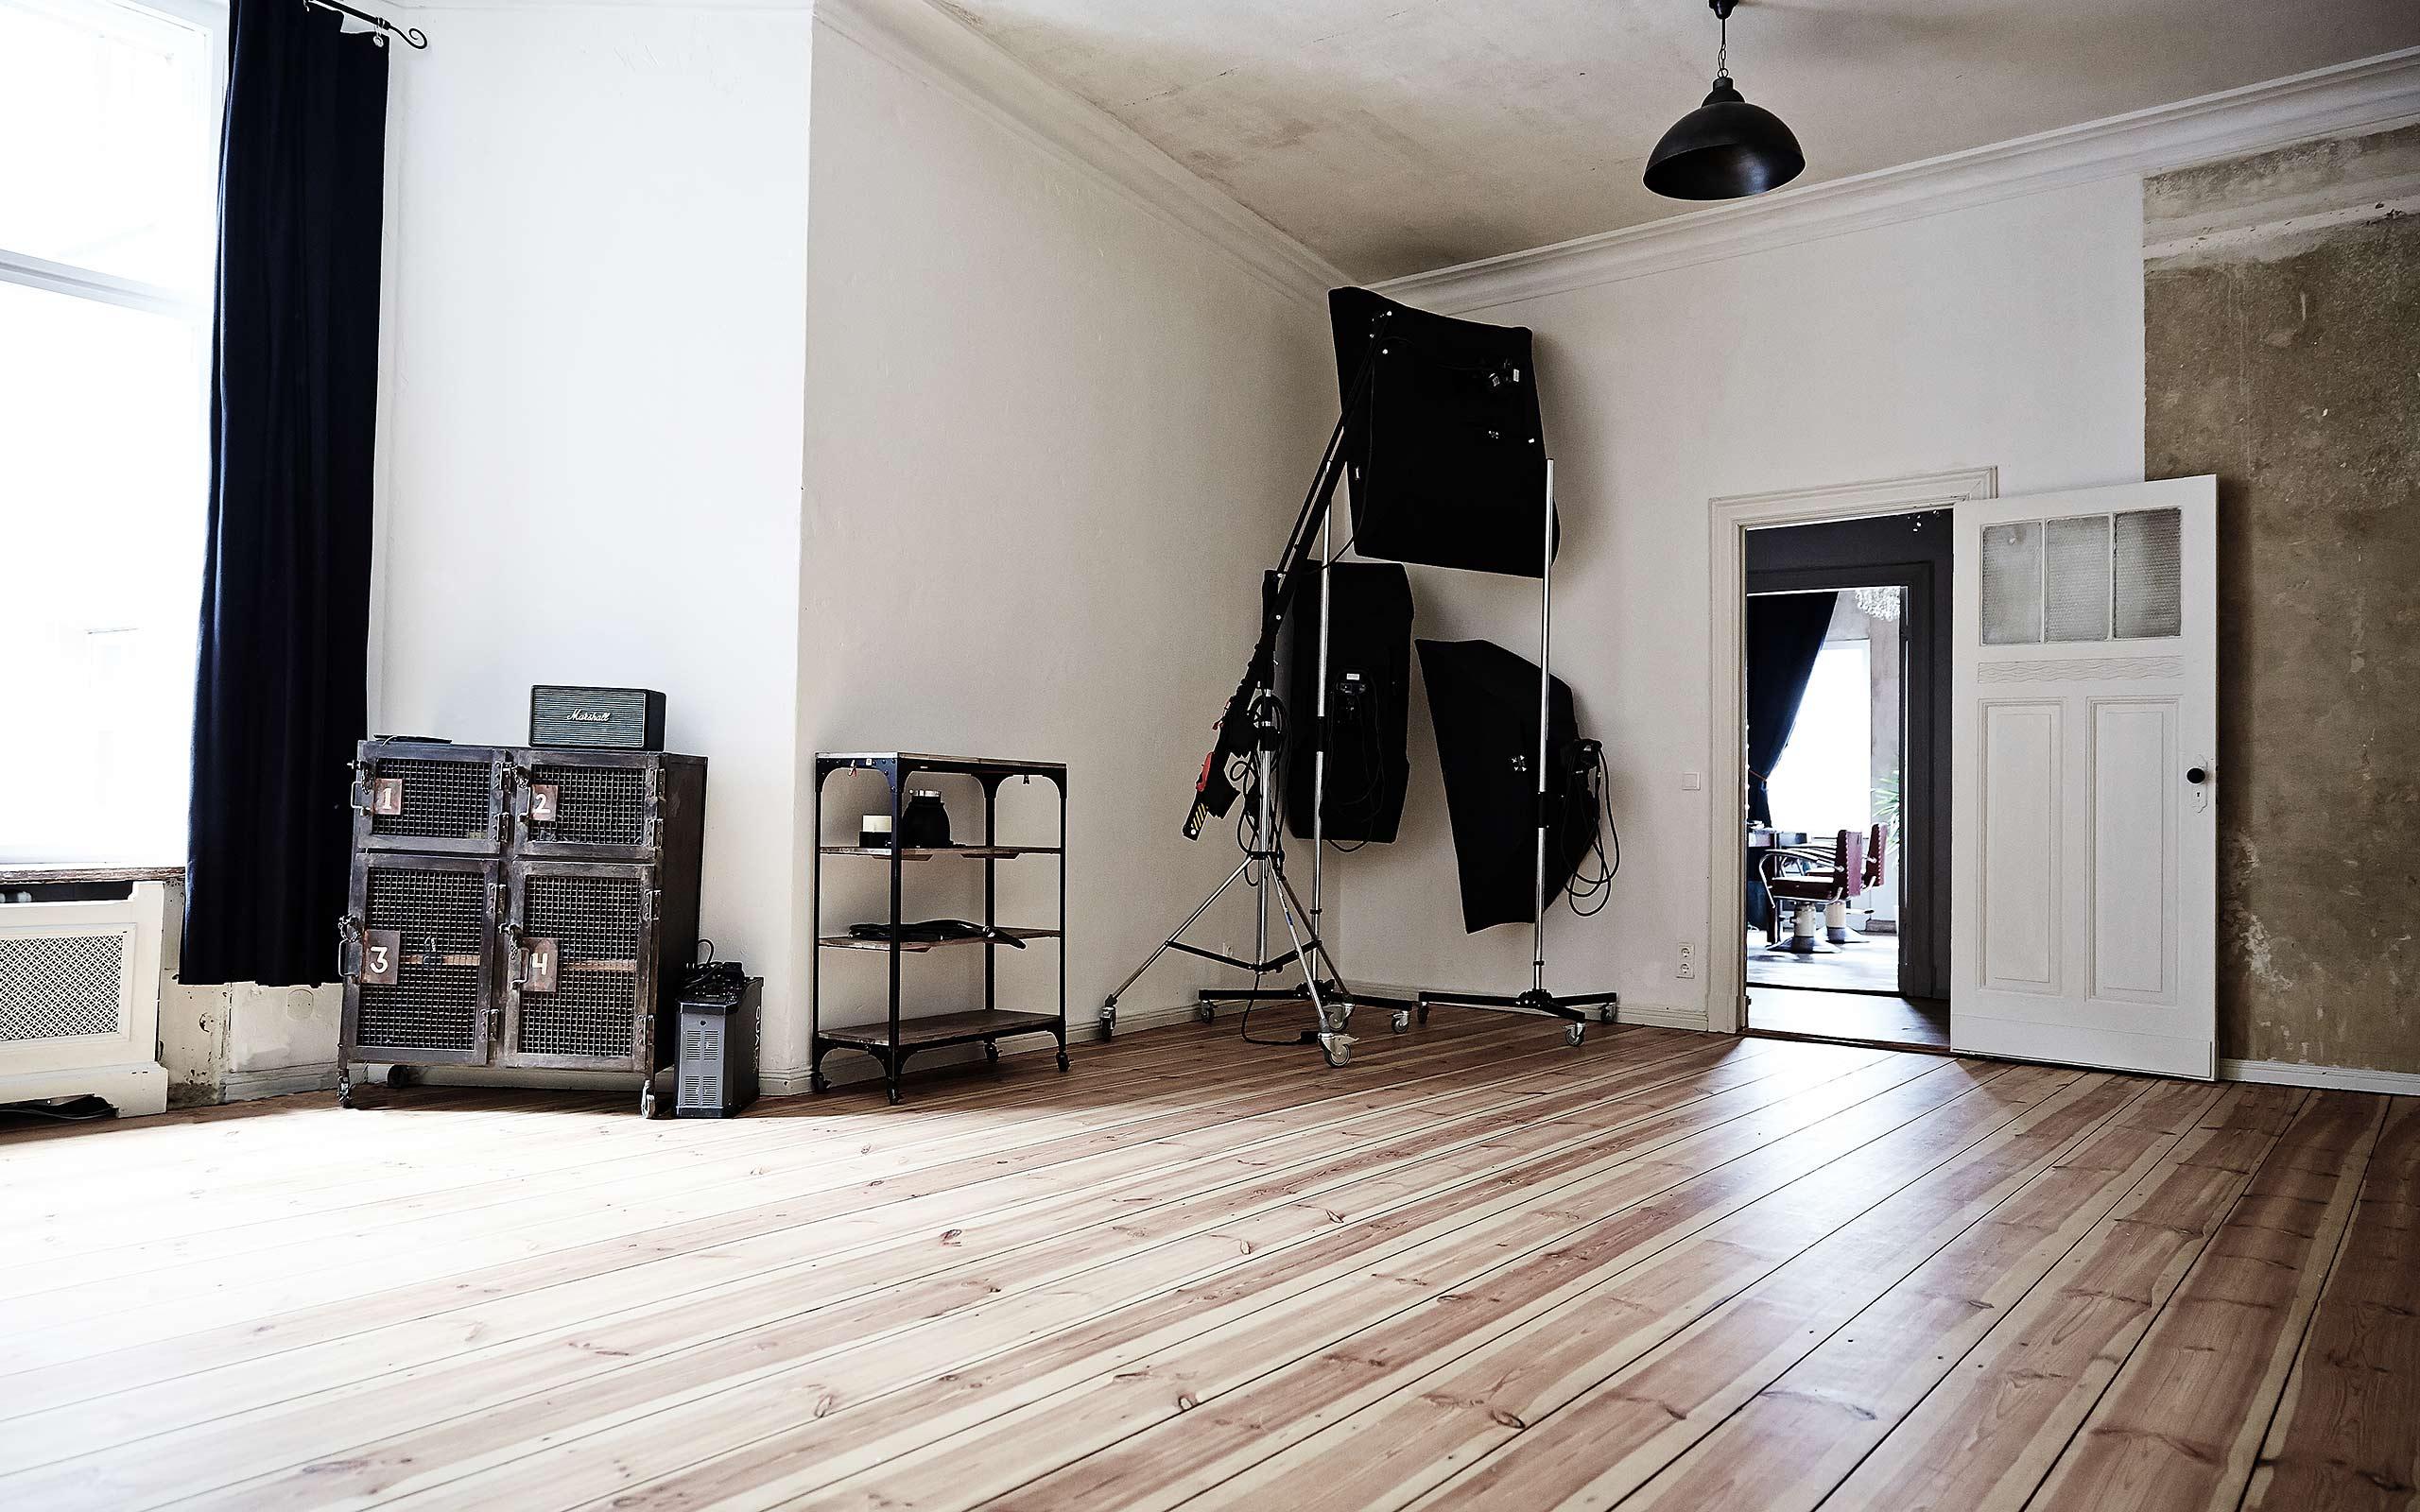 14-06-23_studio_017